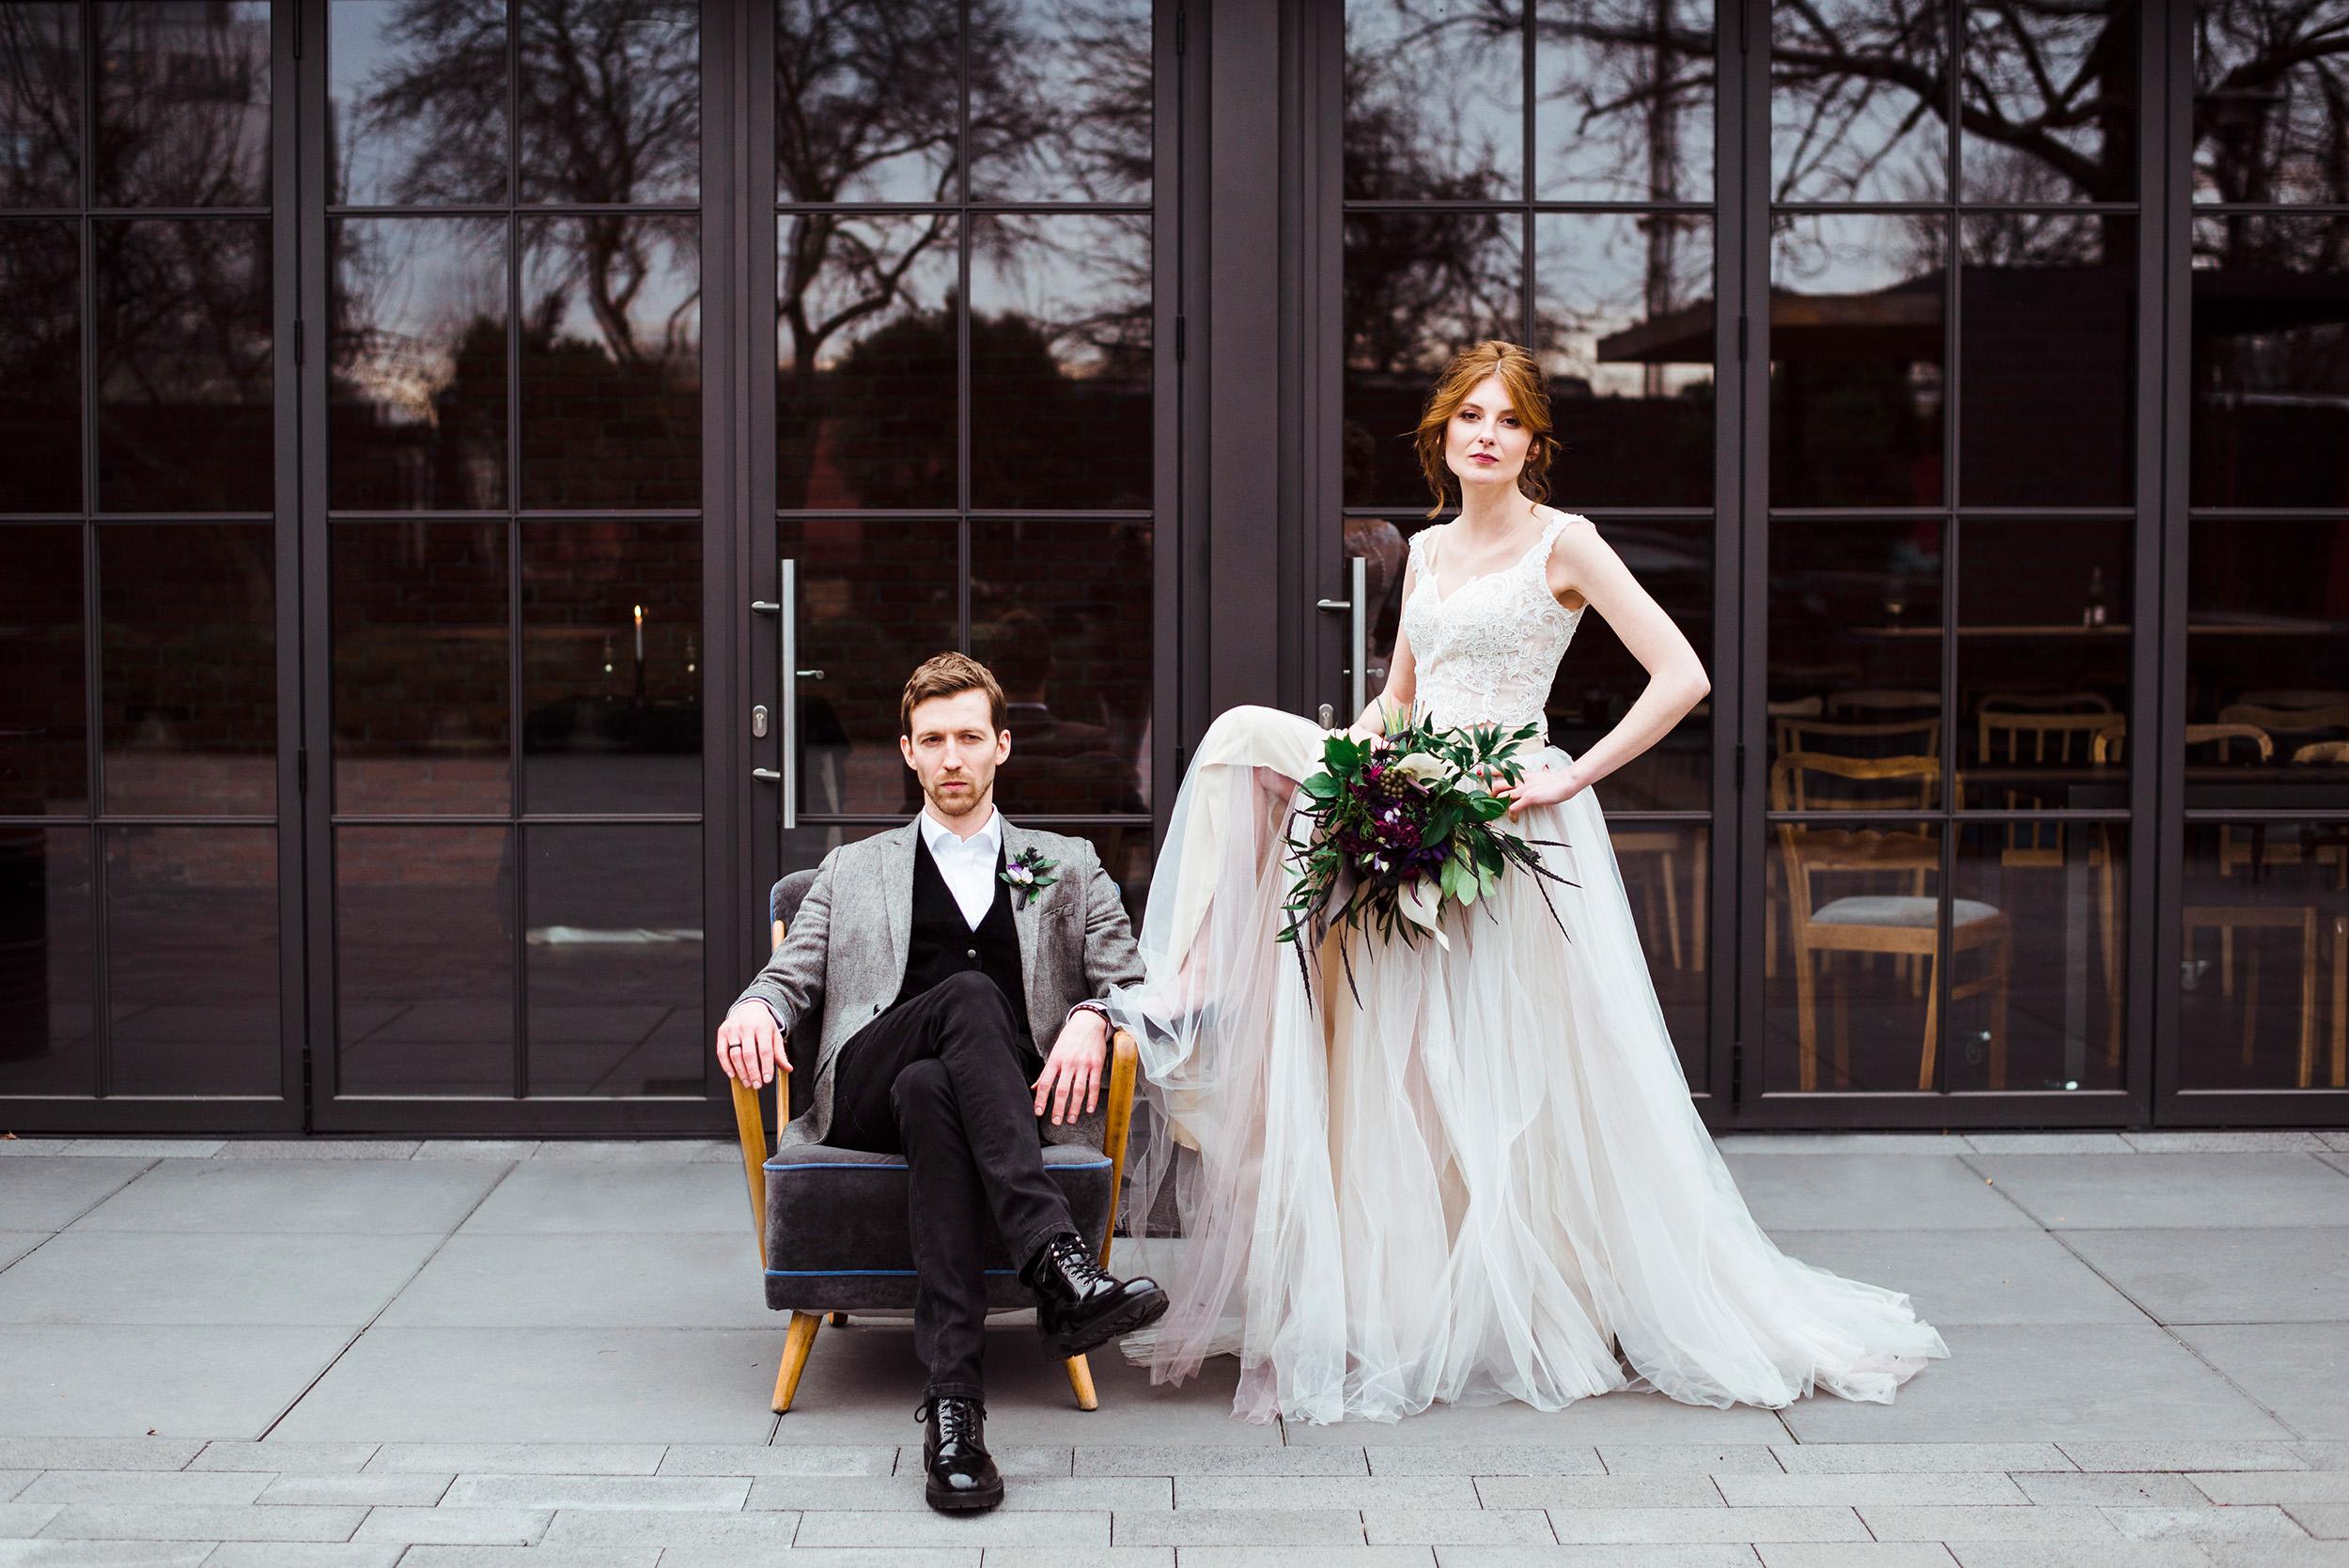 industrialne wesele w restauracji warsztat wroclaw - sesja stylizowana